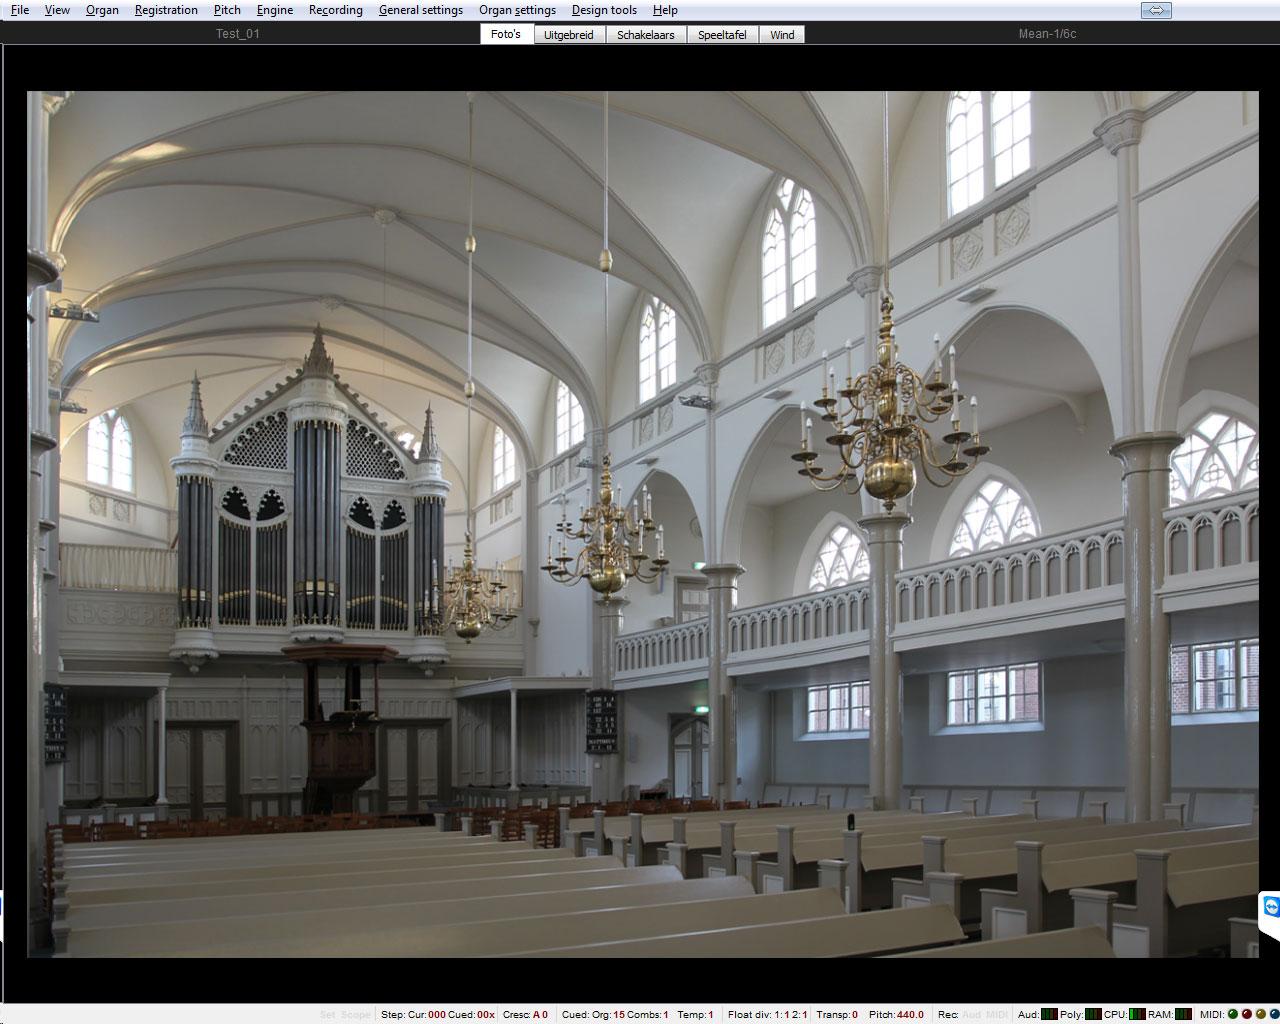 Virtuele speeltafel van het Bätz orgel in Zeist